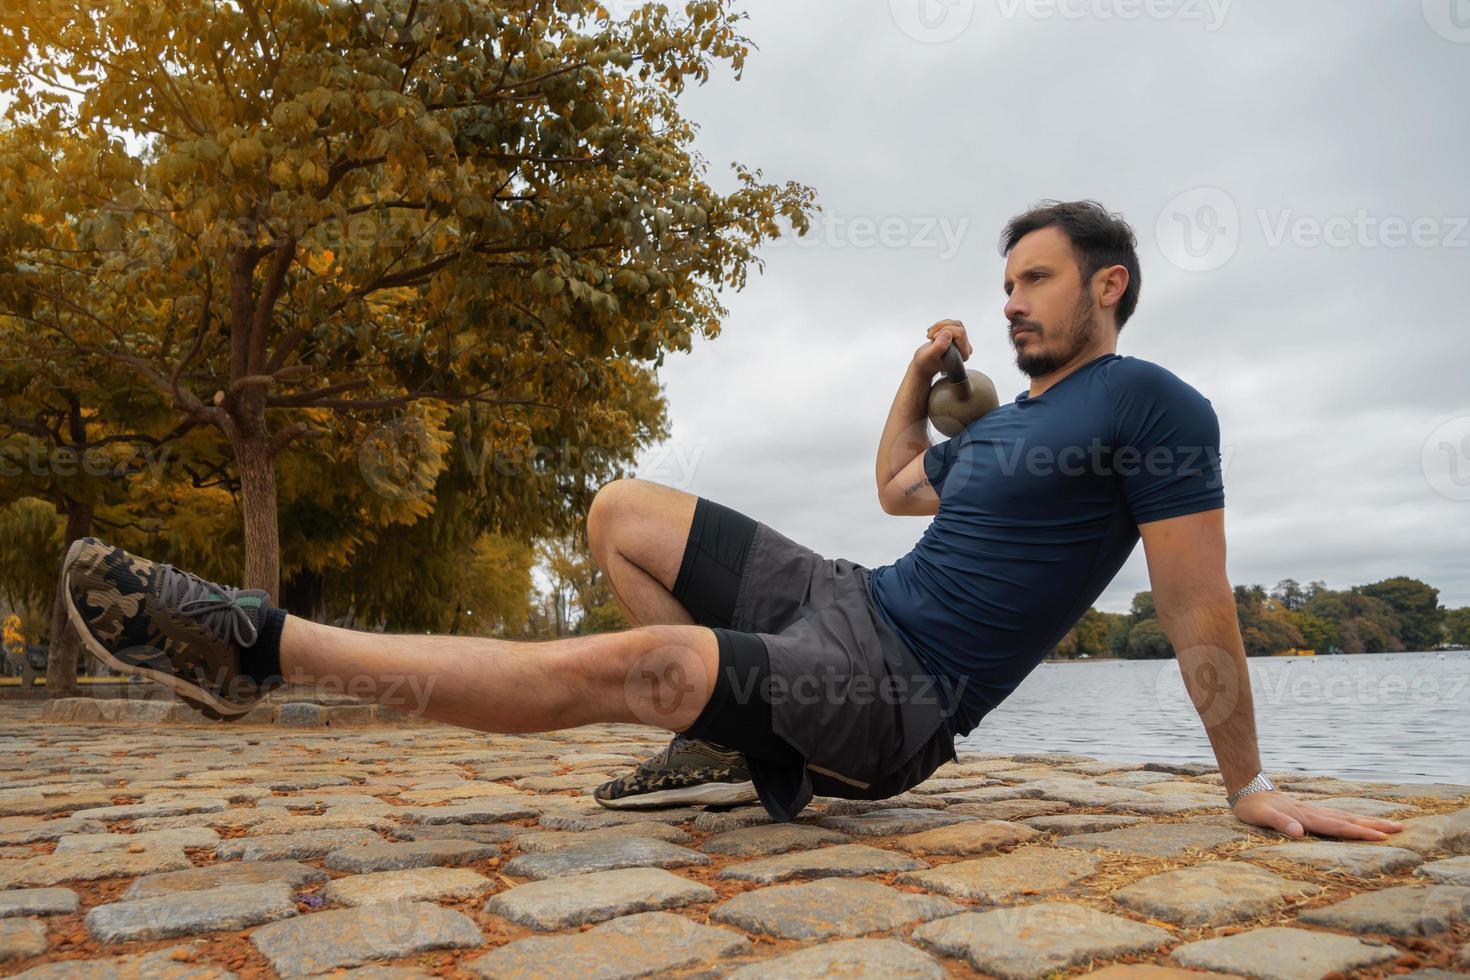 manlig fitnessinstruktör som bygger muskler med vattenkokare i parken foto